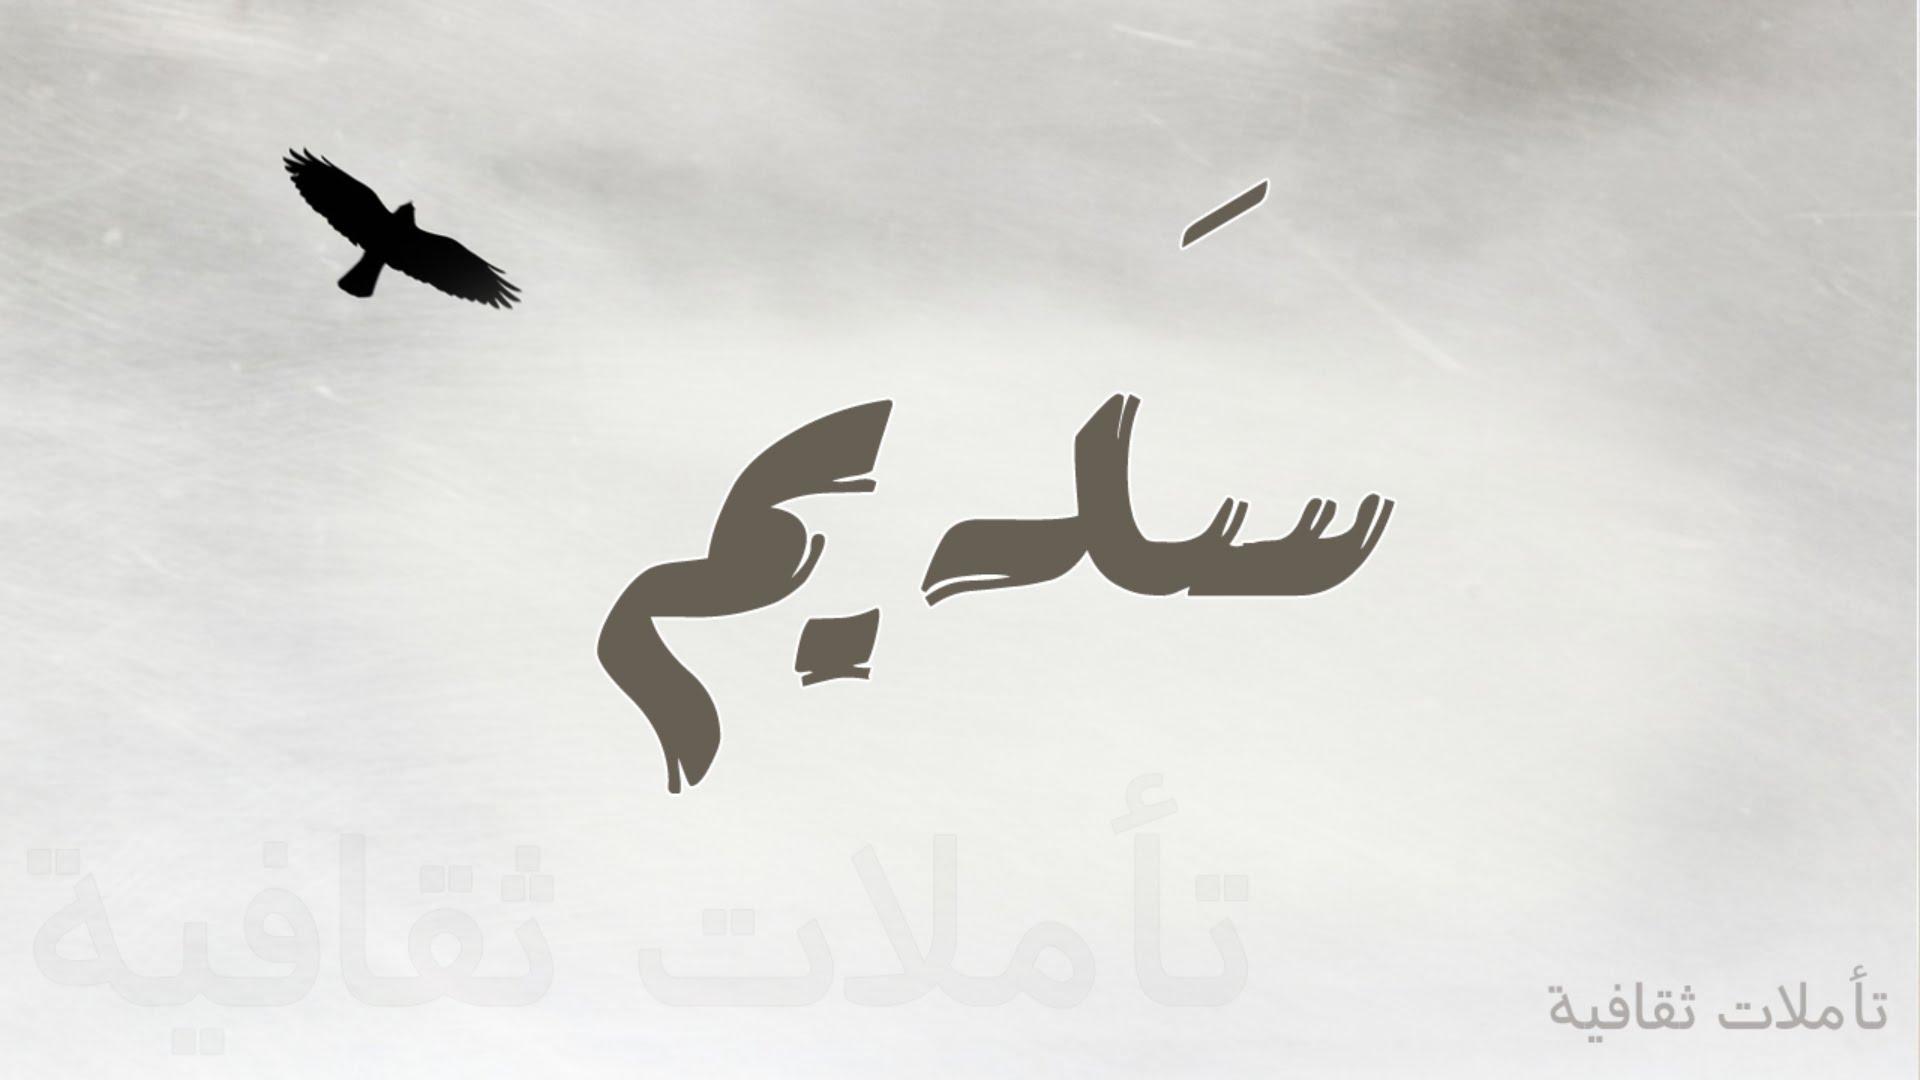 صور معنى اسم سديم , معنى اسم سديم حسب علم النفس